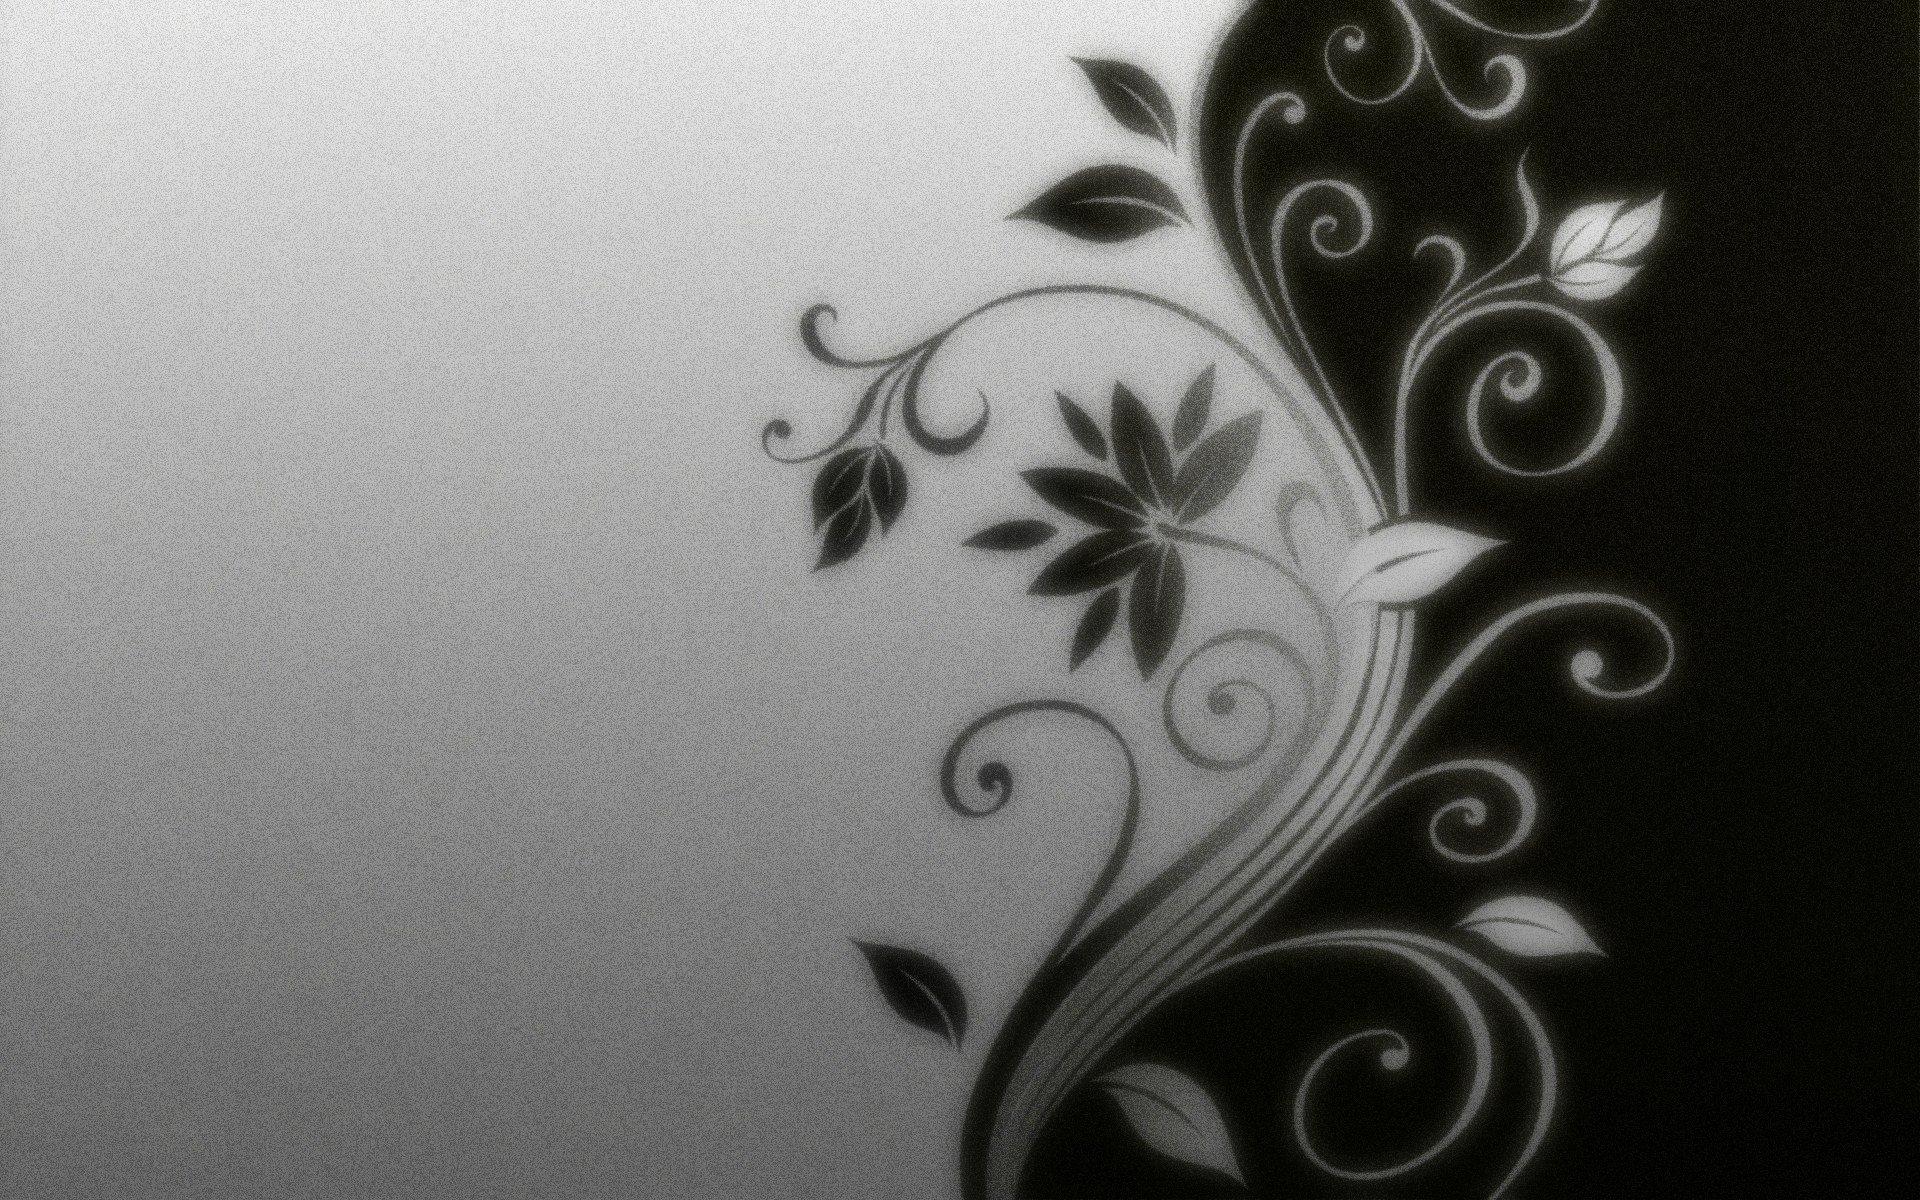 Best Wallpaper Harry Potter Twitter - Harry-Potter-Desktop-Backgrounds-044  You Should Have_631491.jpg